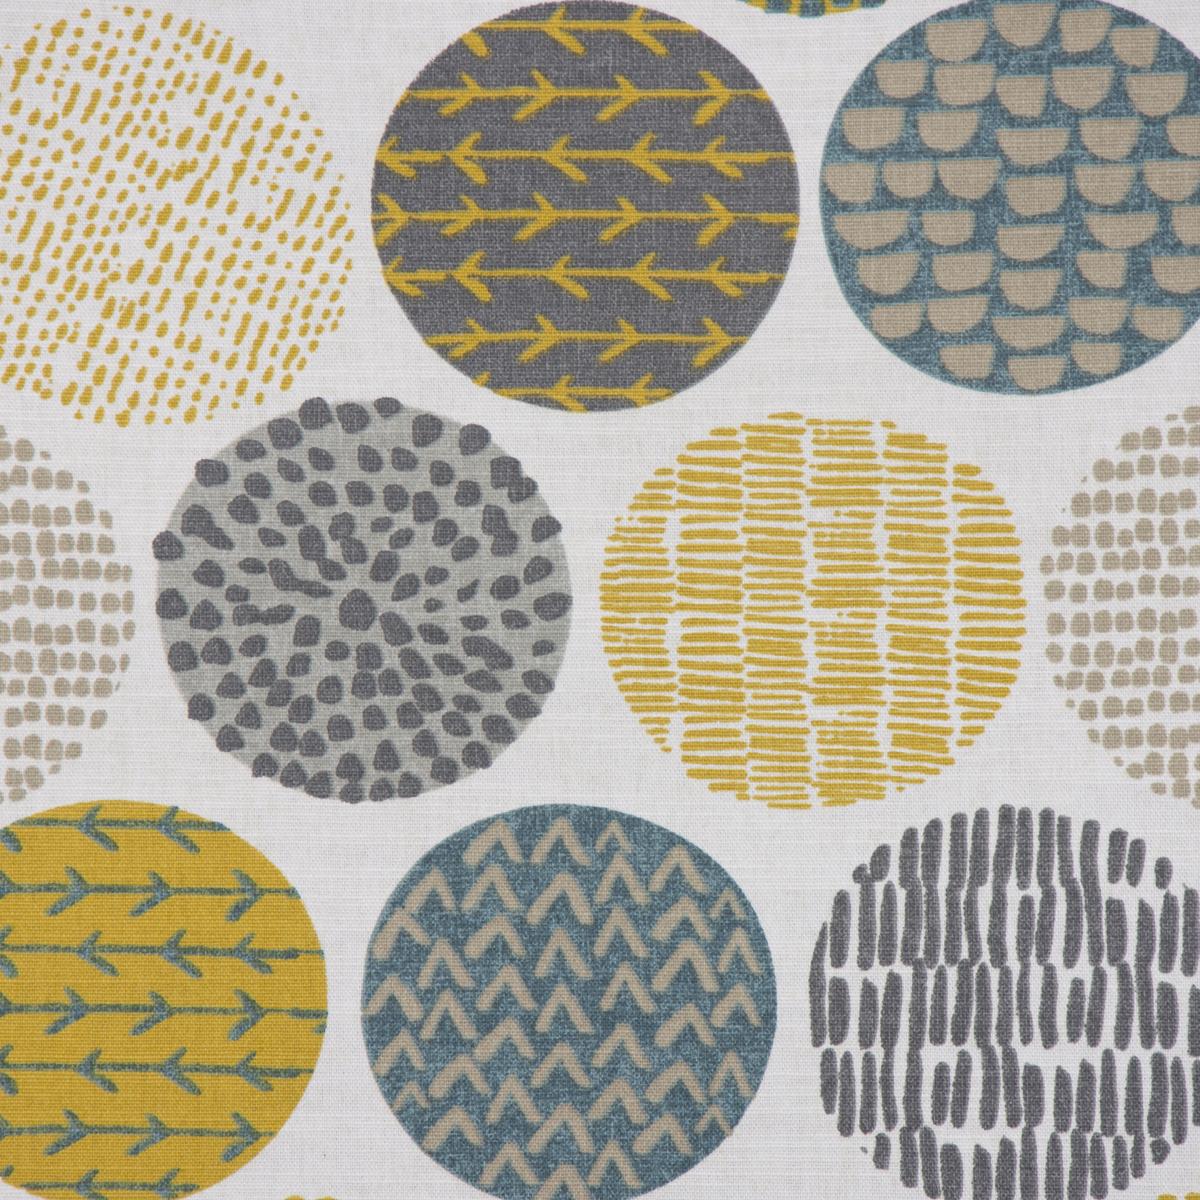 Panama Dekostoff Baumwollstoff Casa Saffron creme Kreise in grau braun verschiedene Motive 1,4m Breite